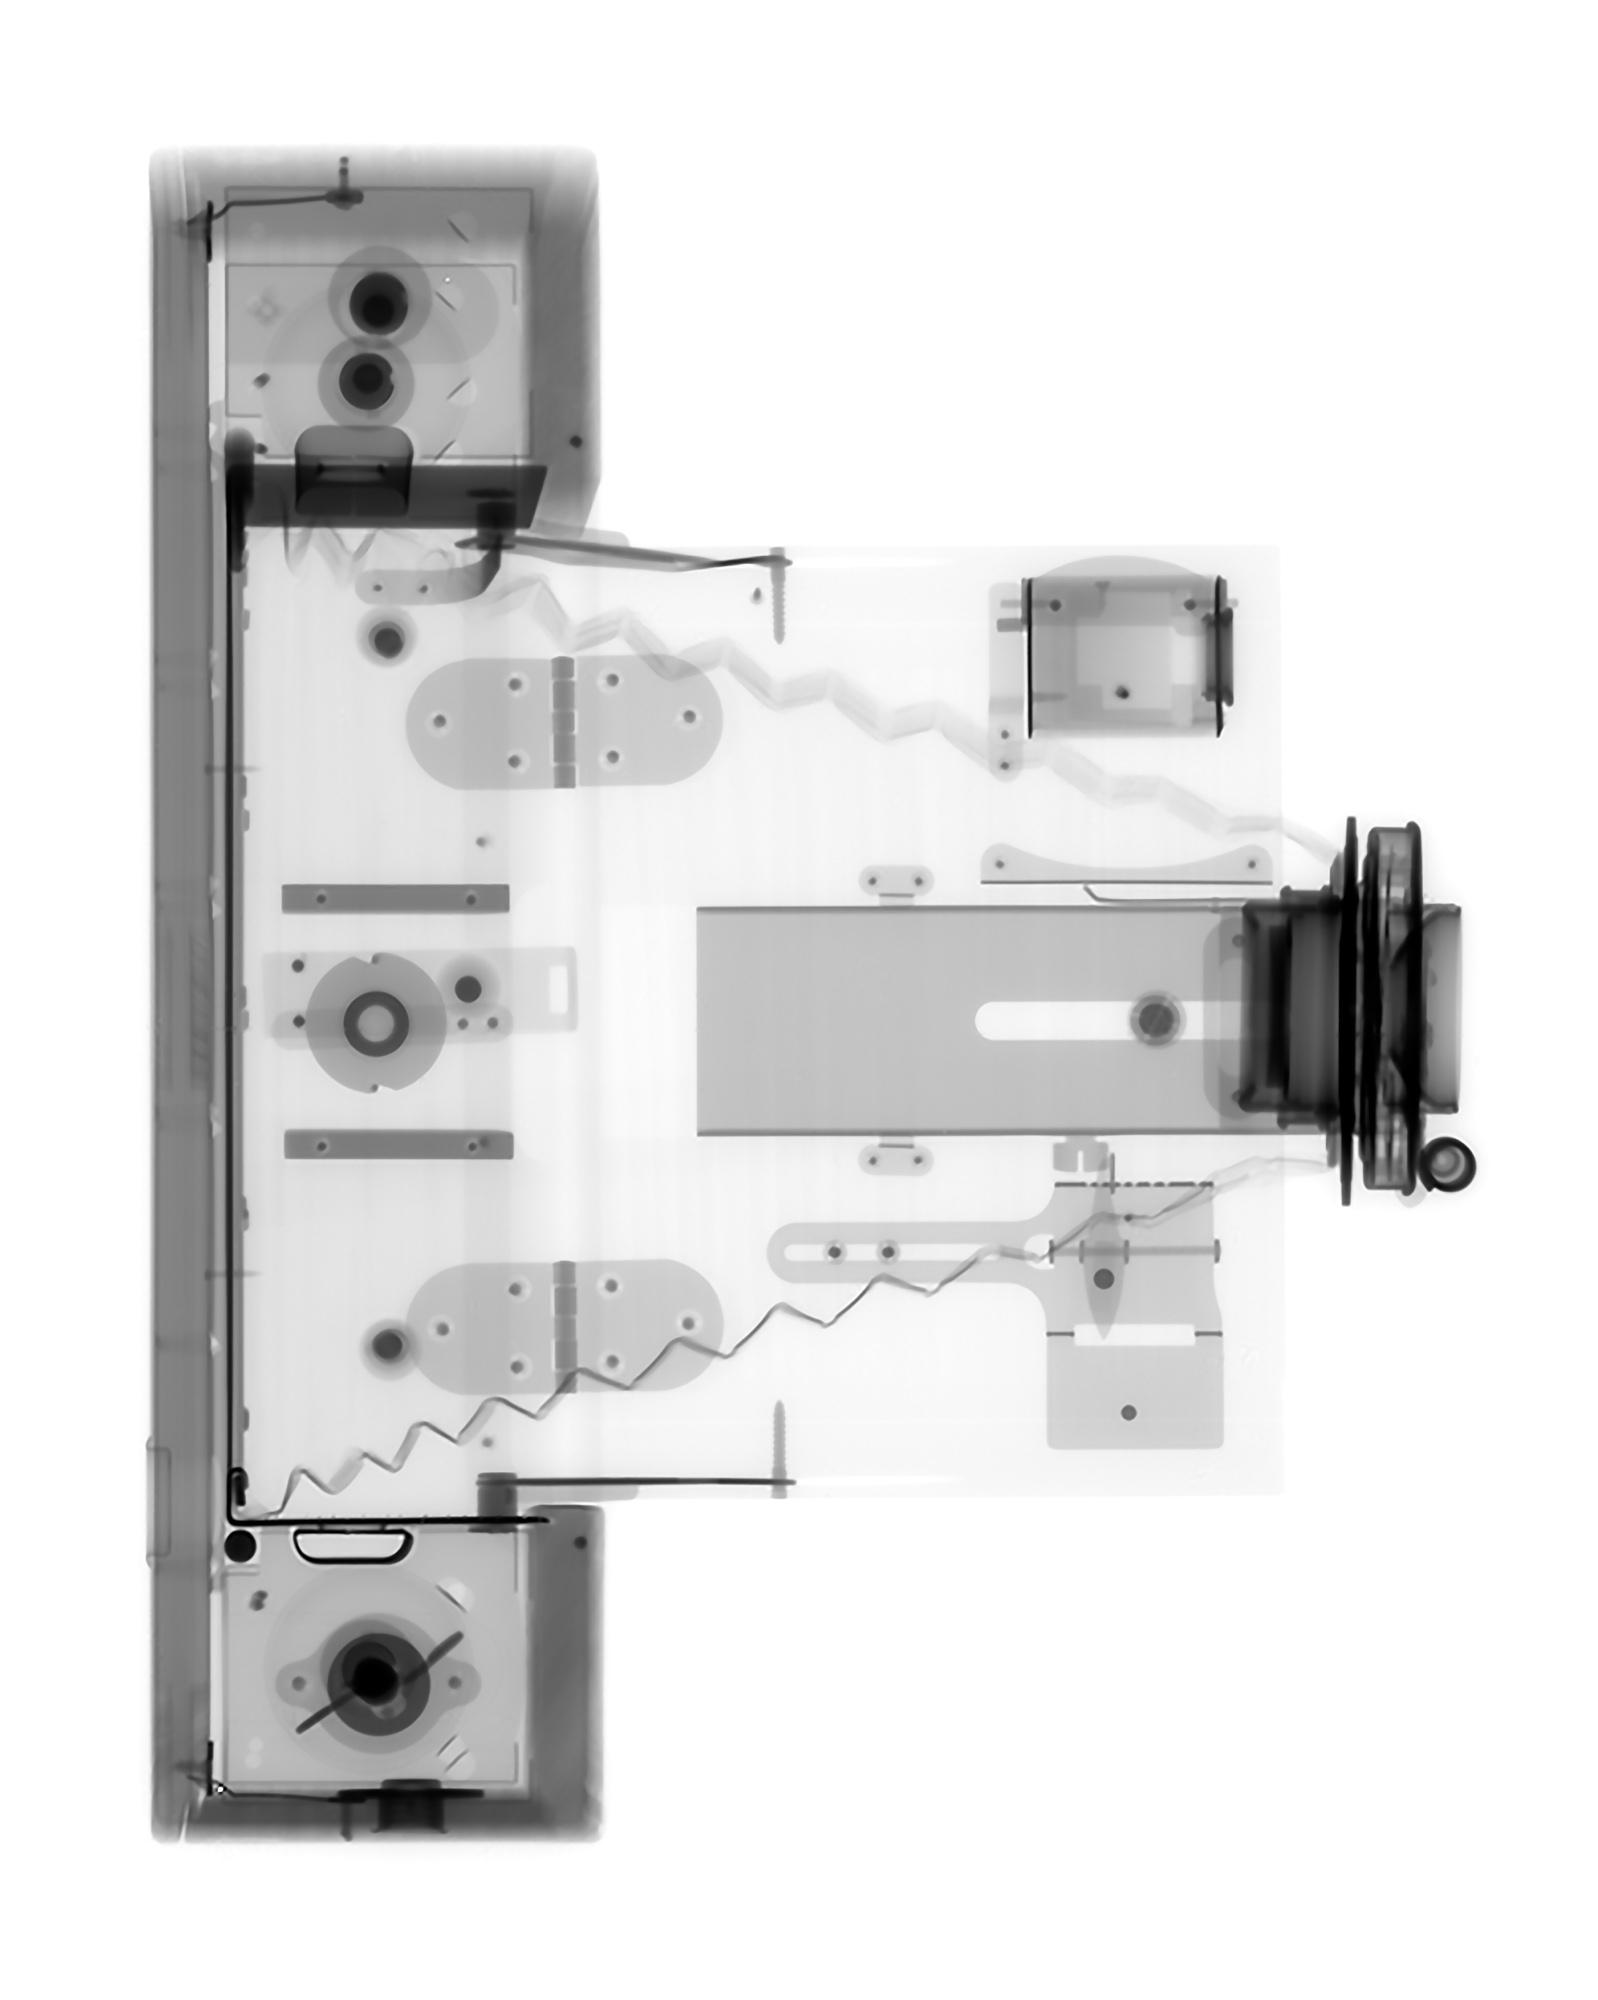 Kodak No. 3 Folding Brownie